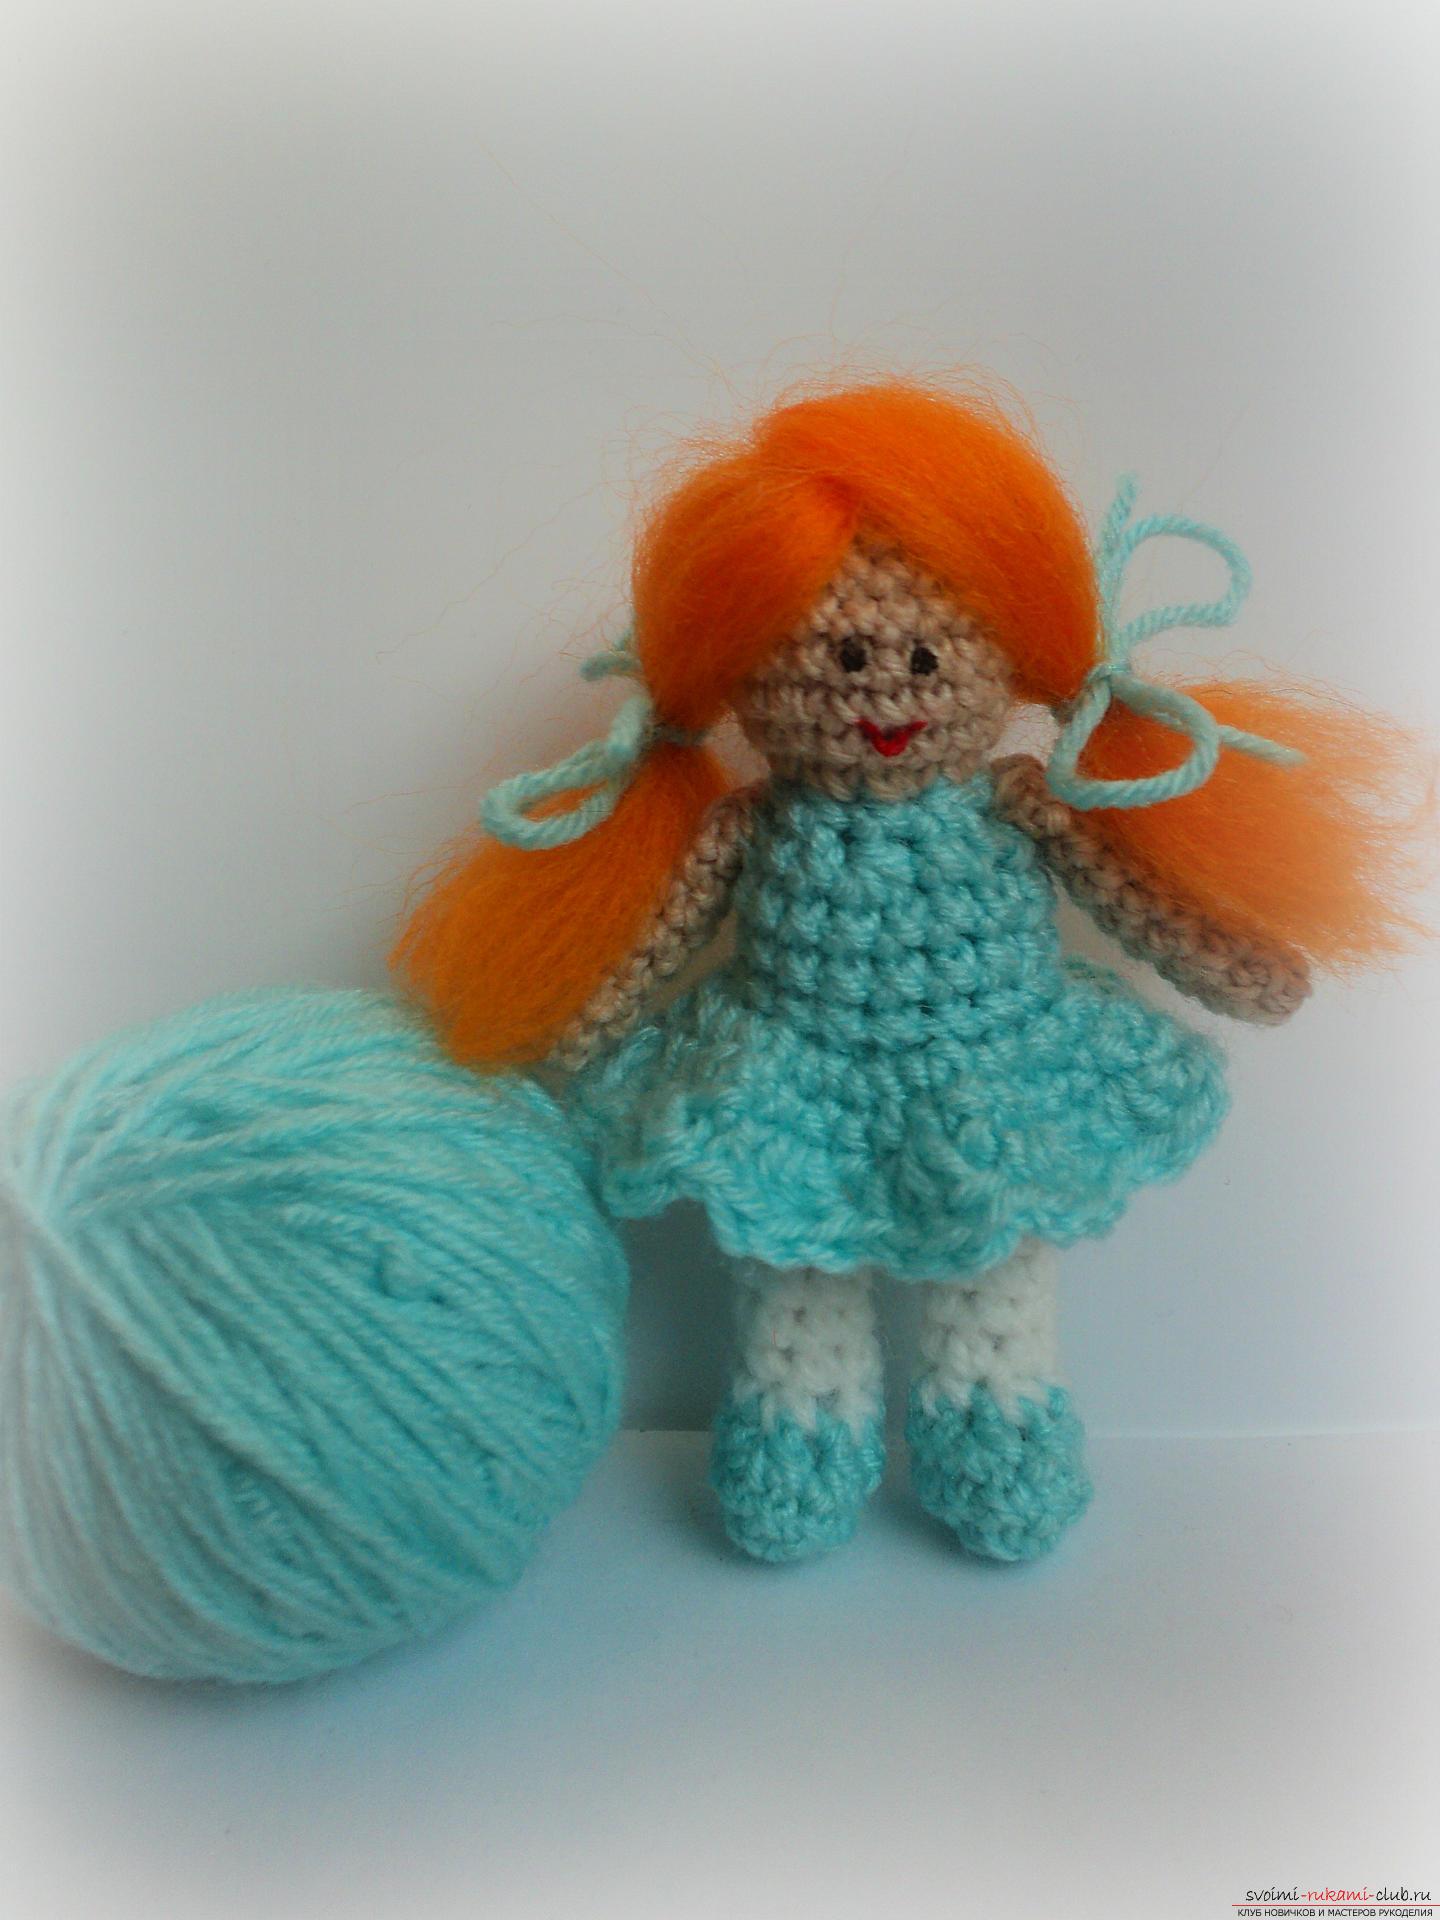 Вязание игрушек крючком кукол 100